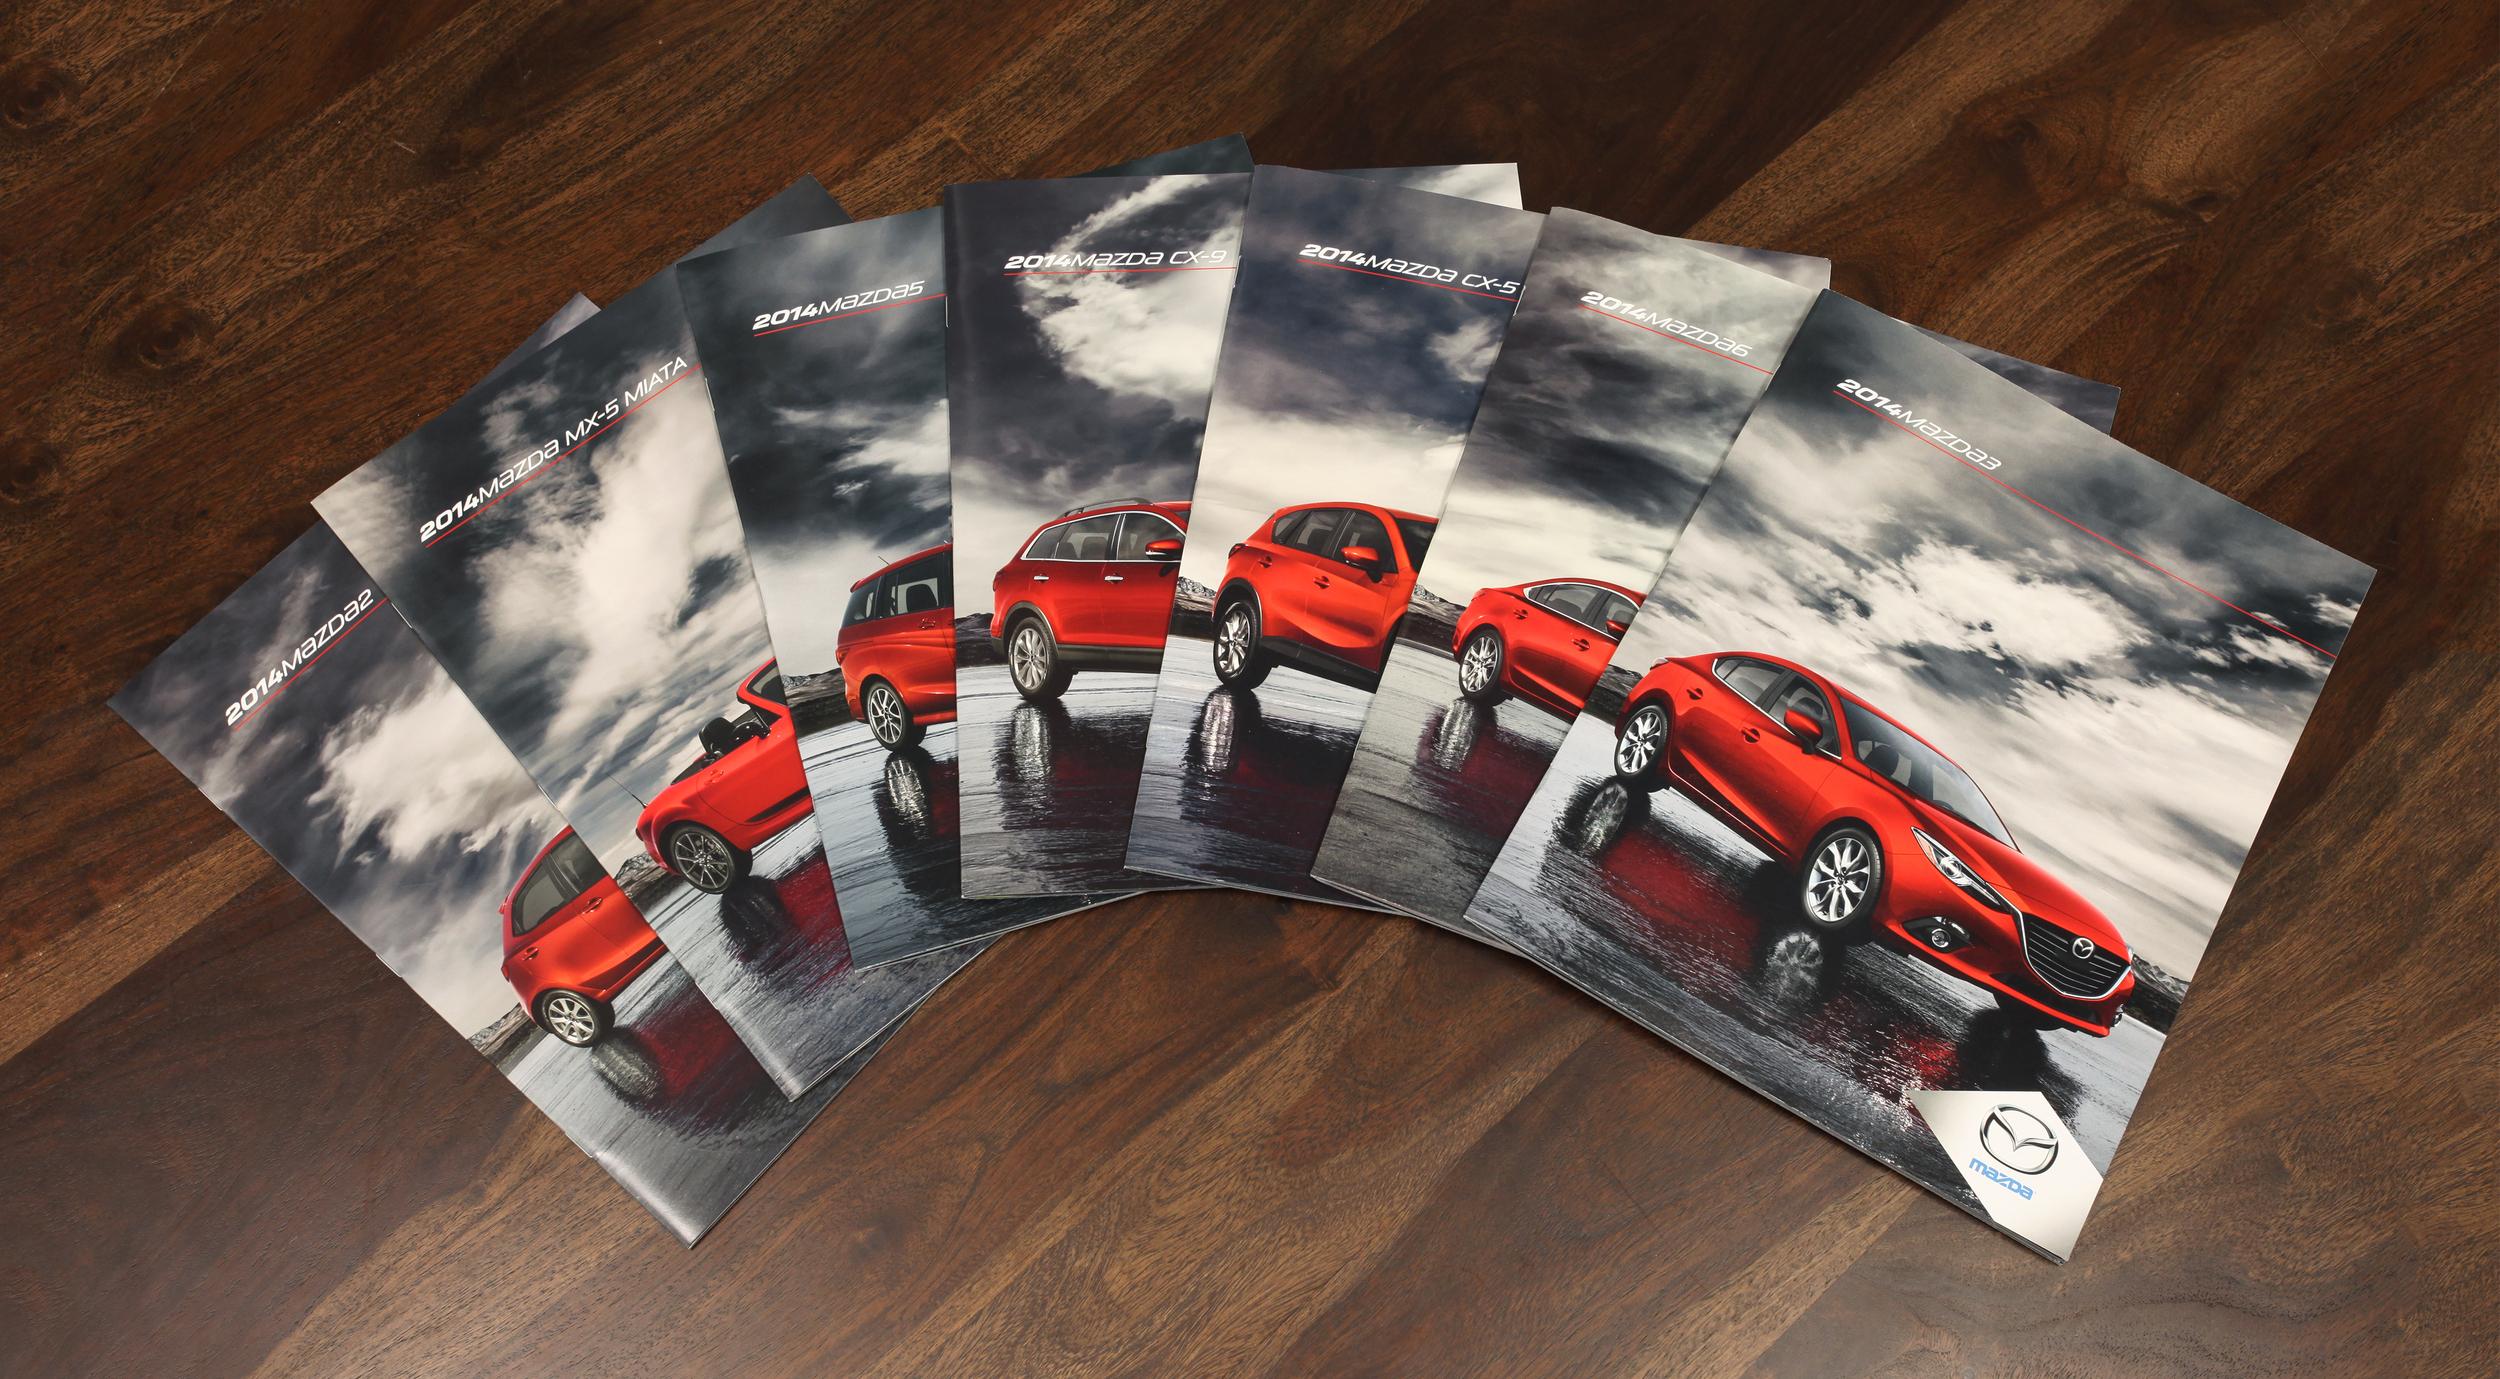 2014_Mazda_Brochures.jpg